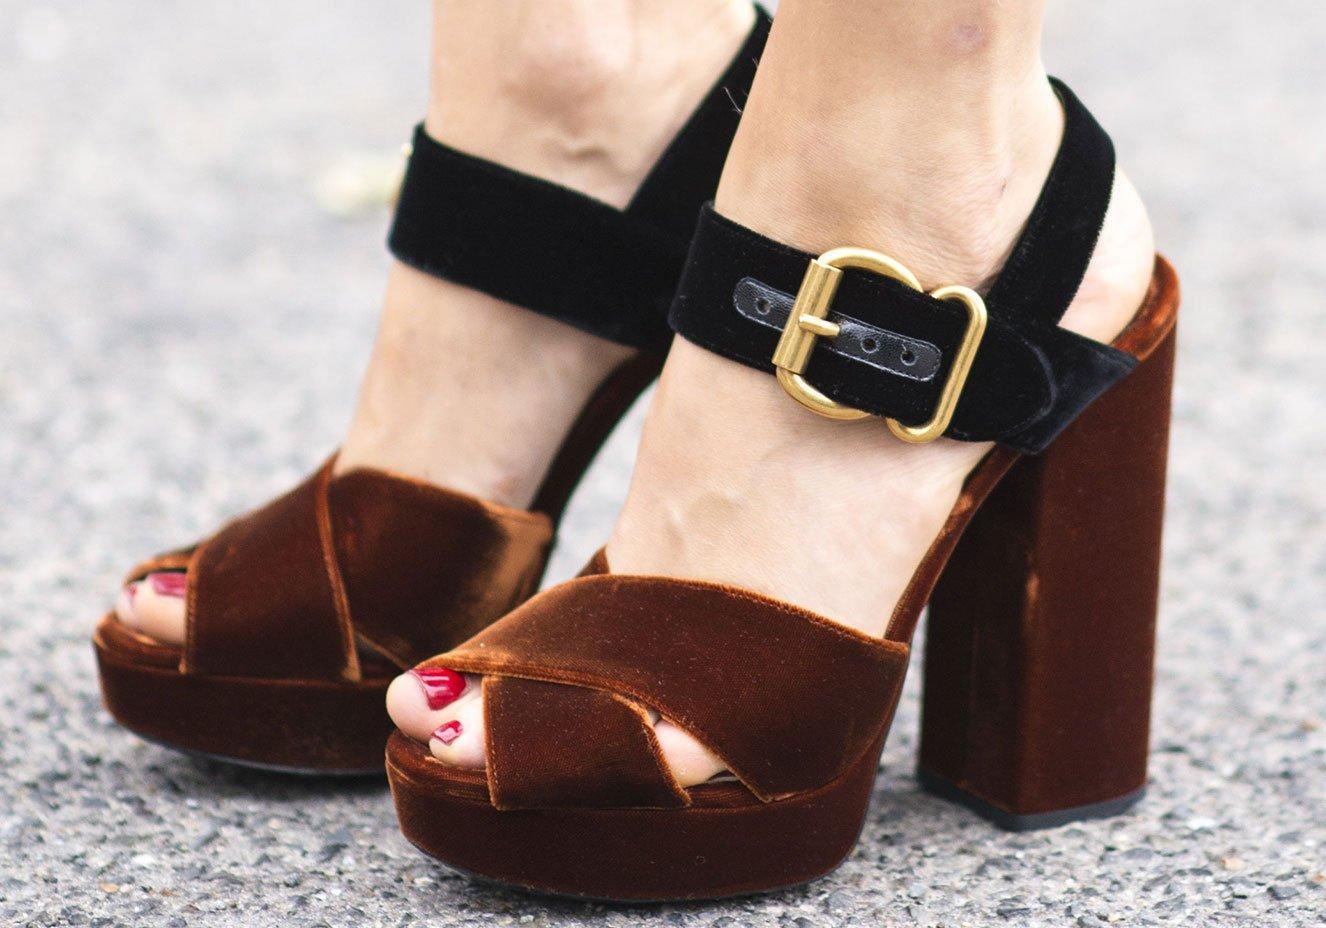 70cc93e5cb Gostou de conhecer mais sobre as tendências para o comércio de calçados   Não deixe de ficar atento às novidades do setor para que você sempre  conquiste e ...